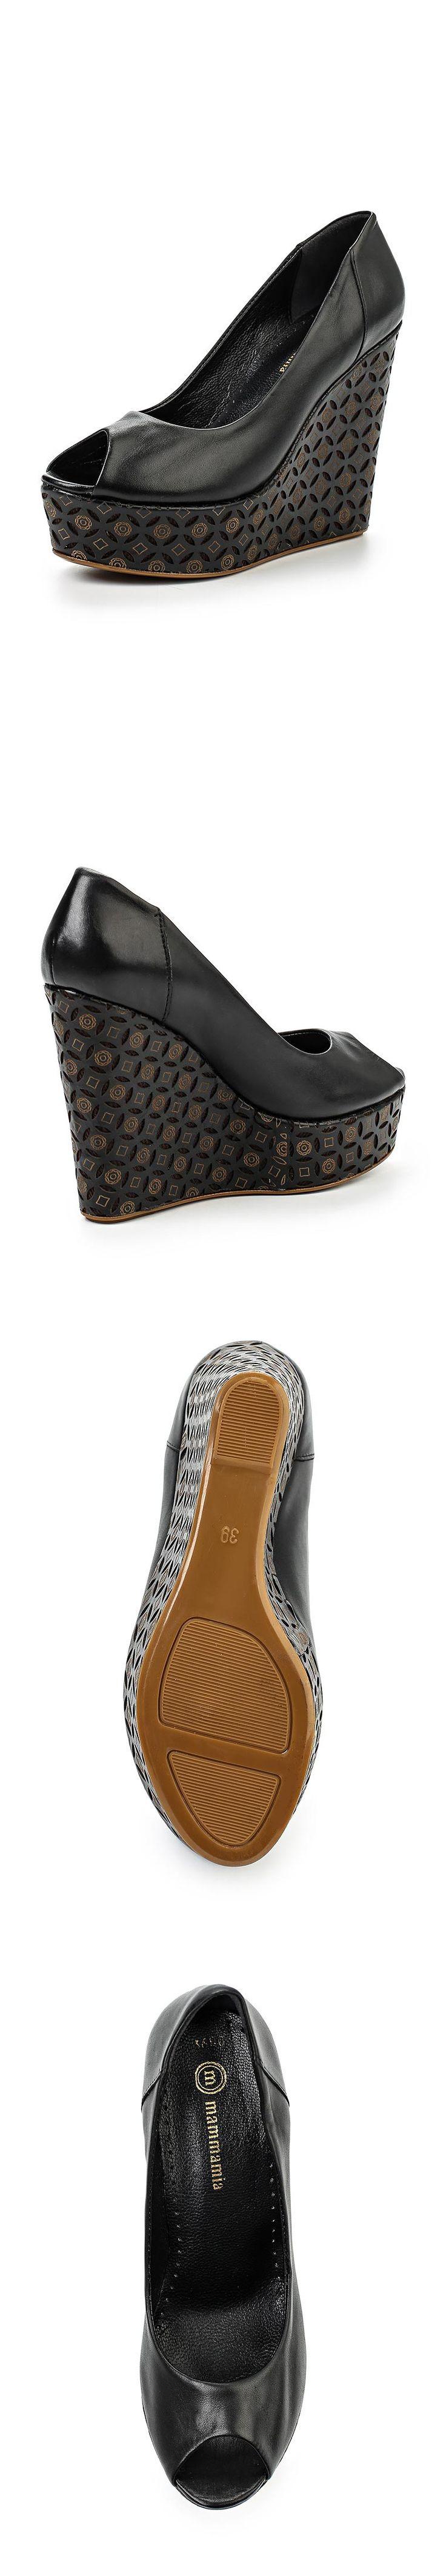 Женская обувь босоножки Mamma Mia за 10599.00 руб.